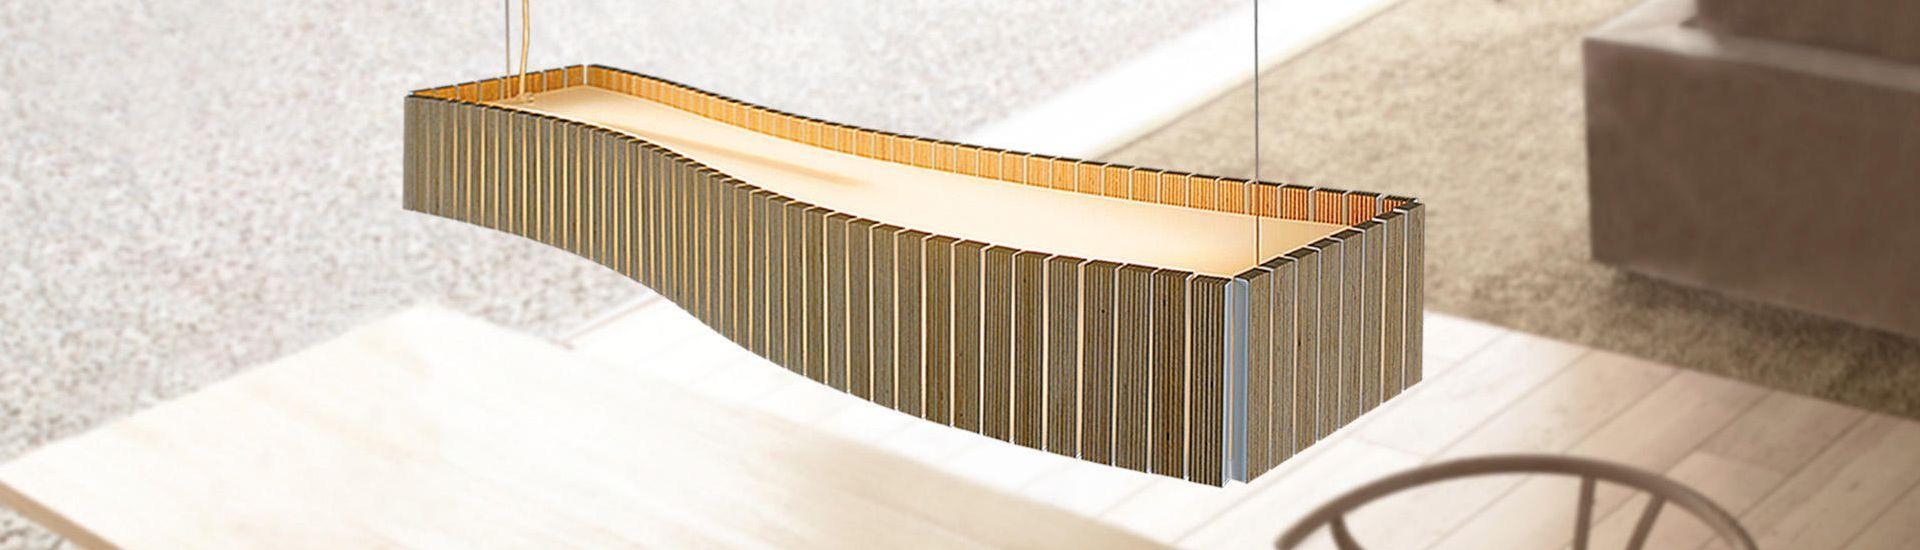 Uxi Lâmpada pingente 2x39W tablero marino